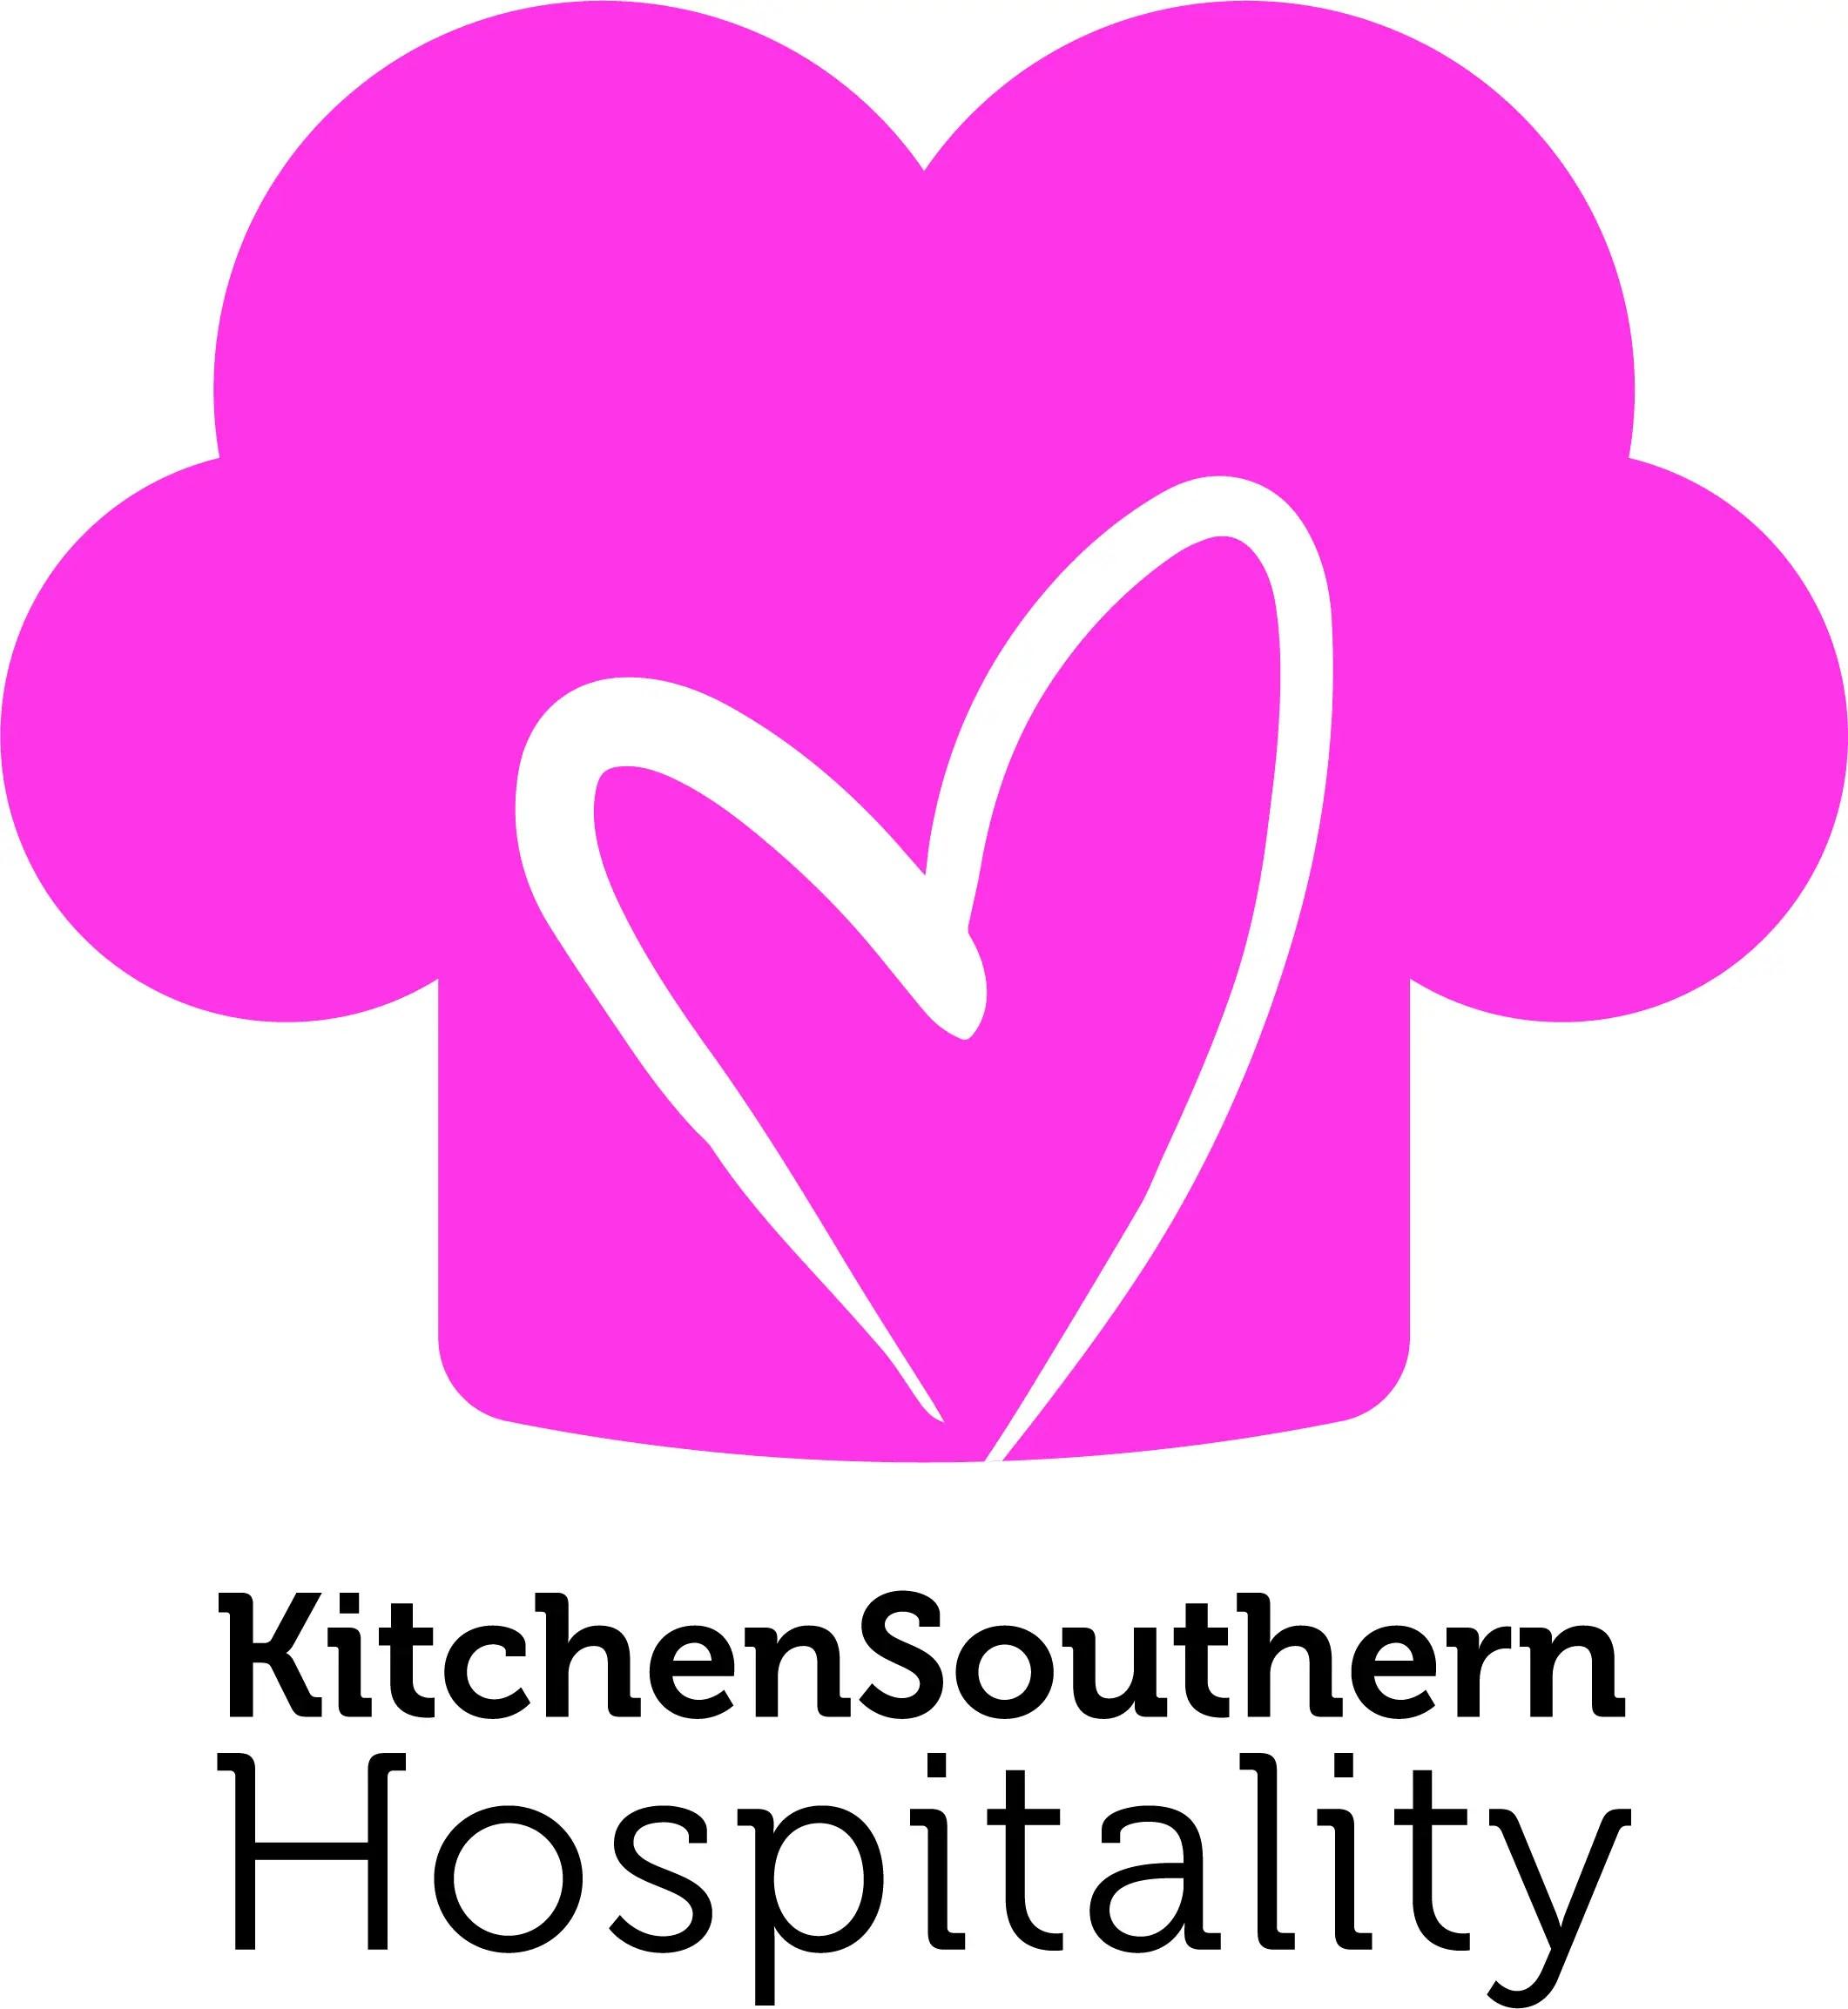 KITCHEN SOUTHERN HOSPITALITY (KSH)